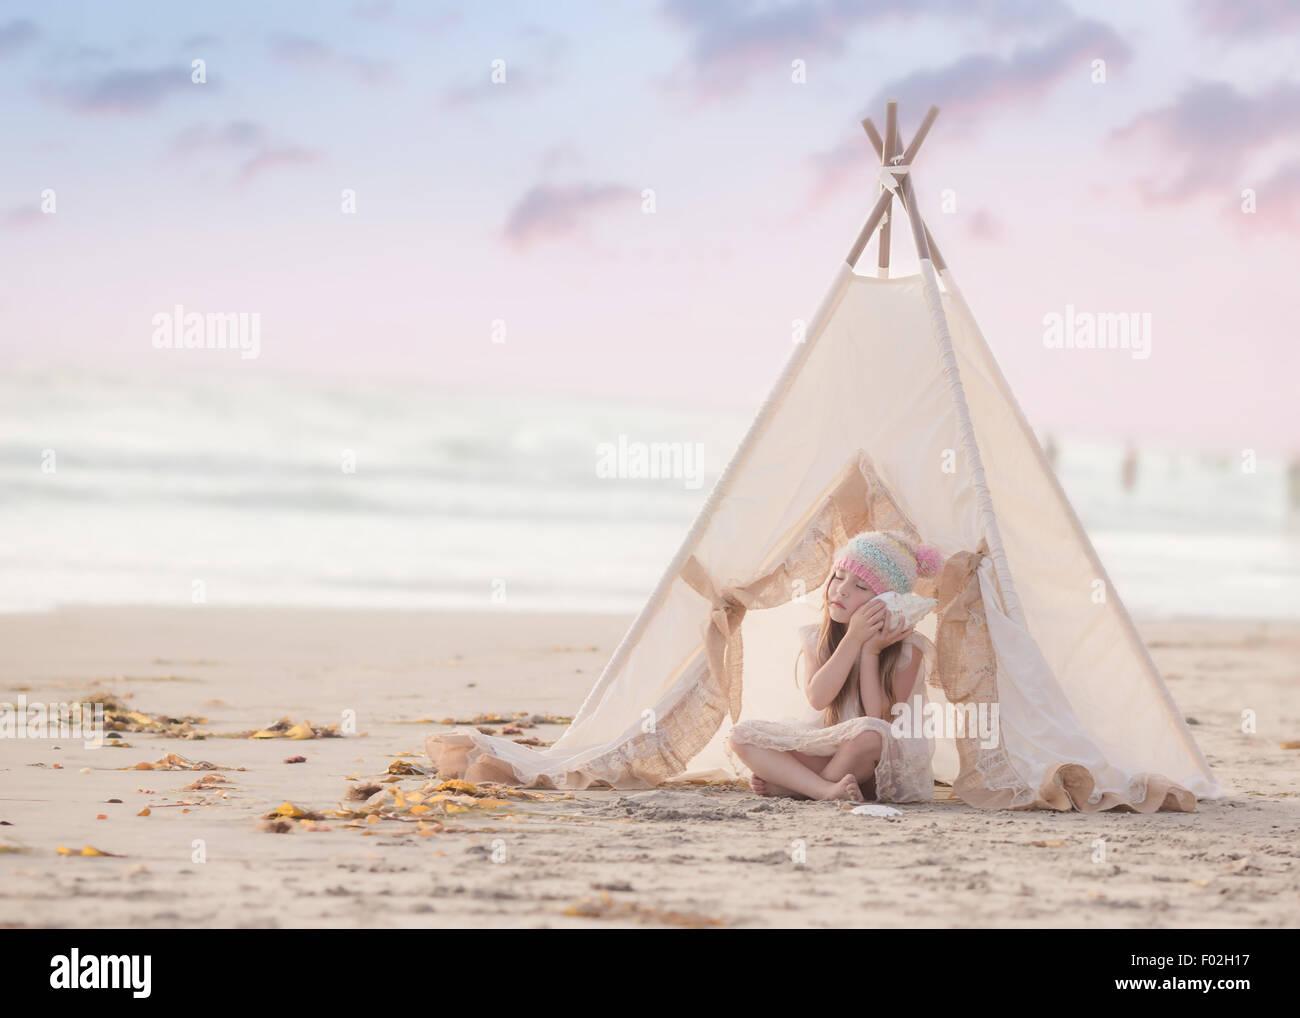 Fille assise dans un wigwam sur la plage de l'écoute d'un coquillage Photo Stock